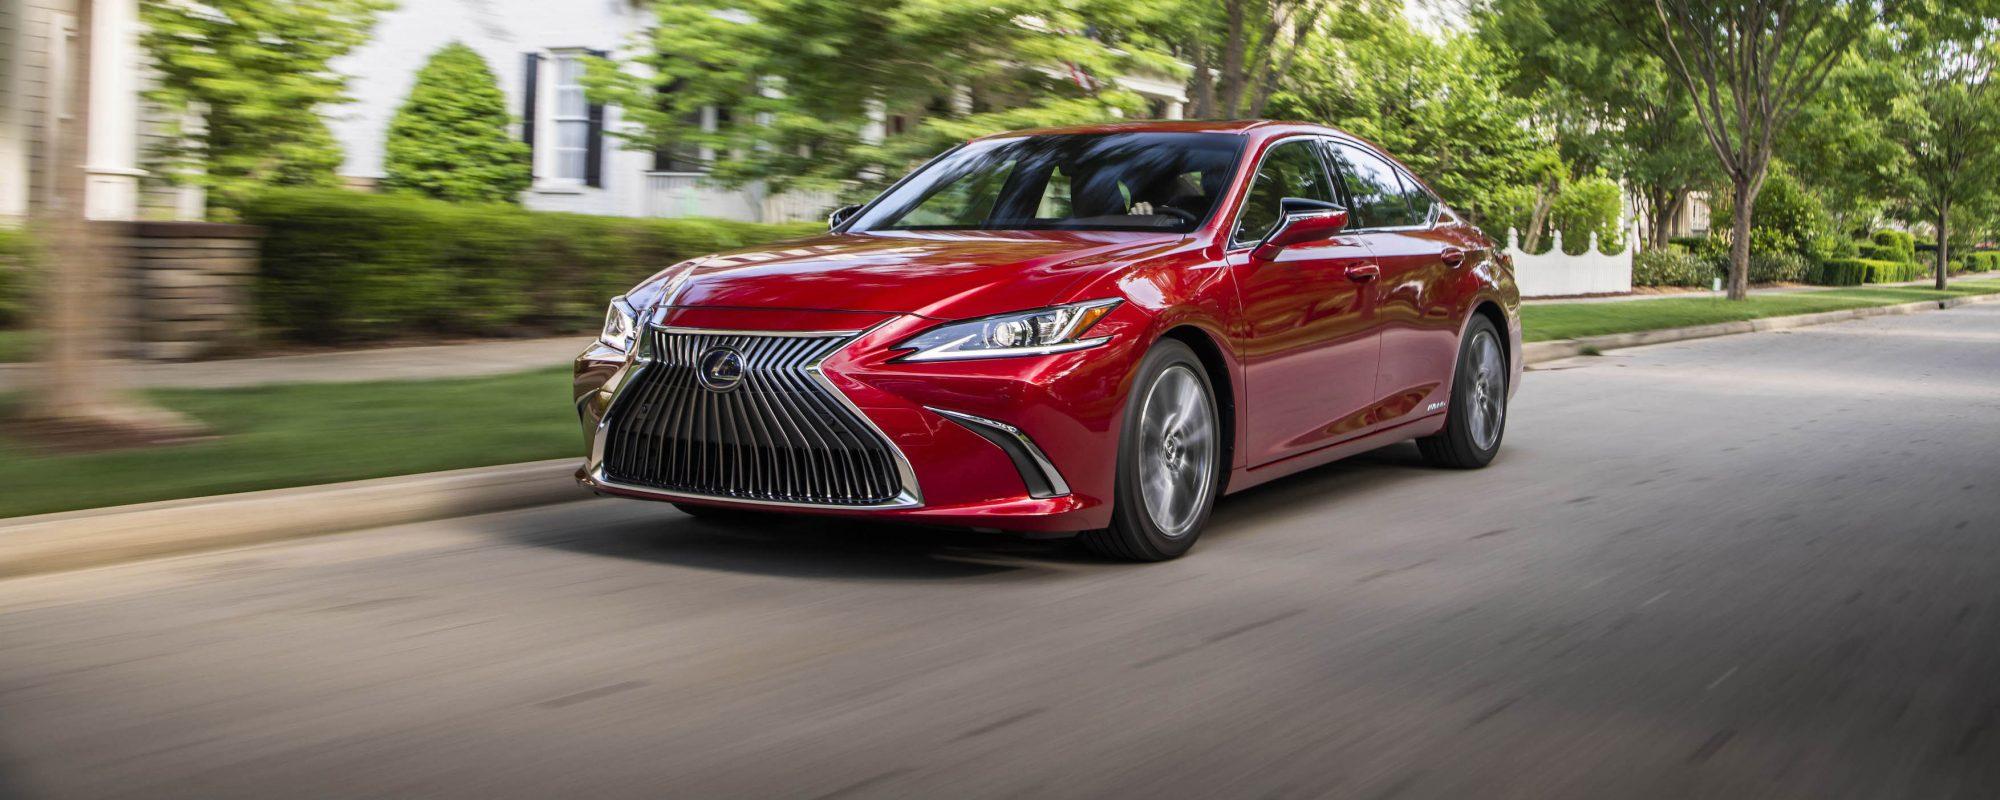 Lexus ES: beste betrouwbaarheidsscore ooit in de historie van J.D. Power